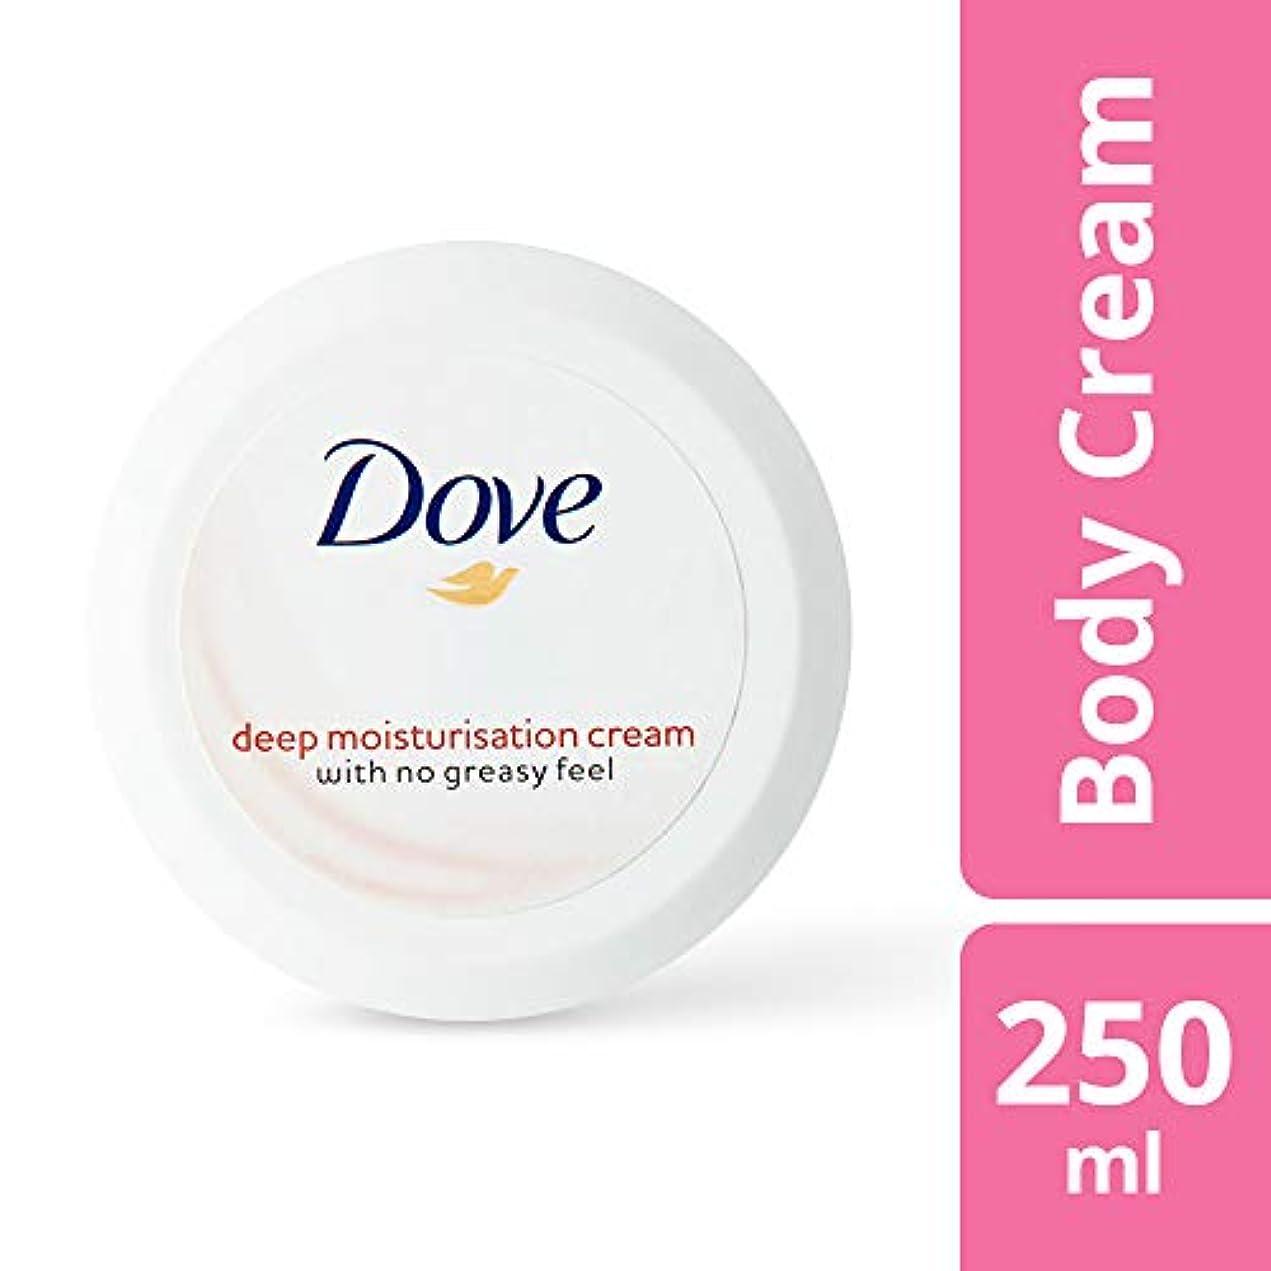 前少なくとも毎日Dove Deep Moisturisation Cream, 250ml